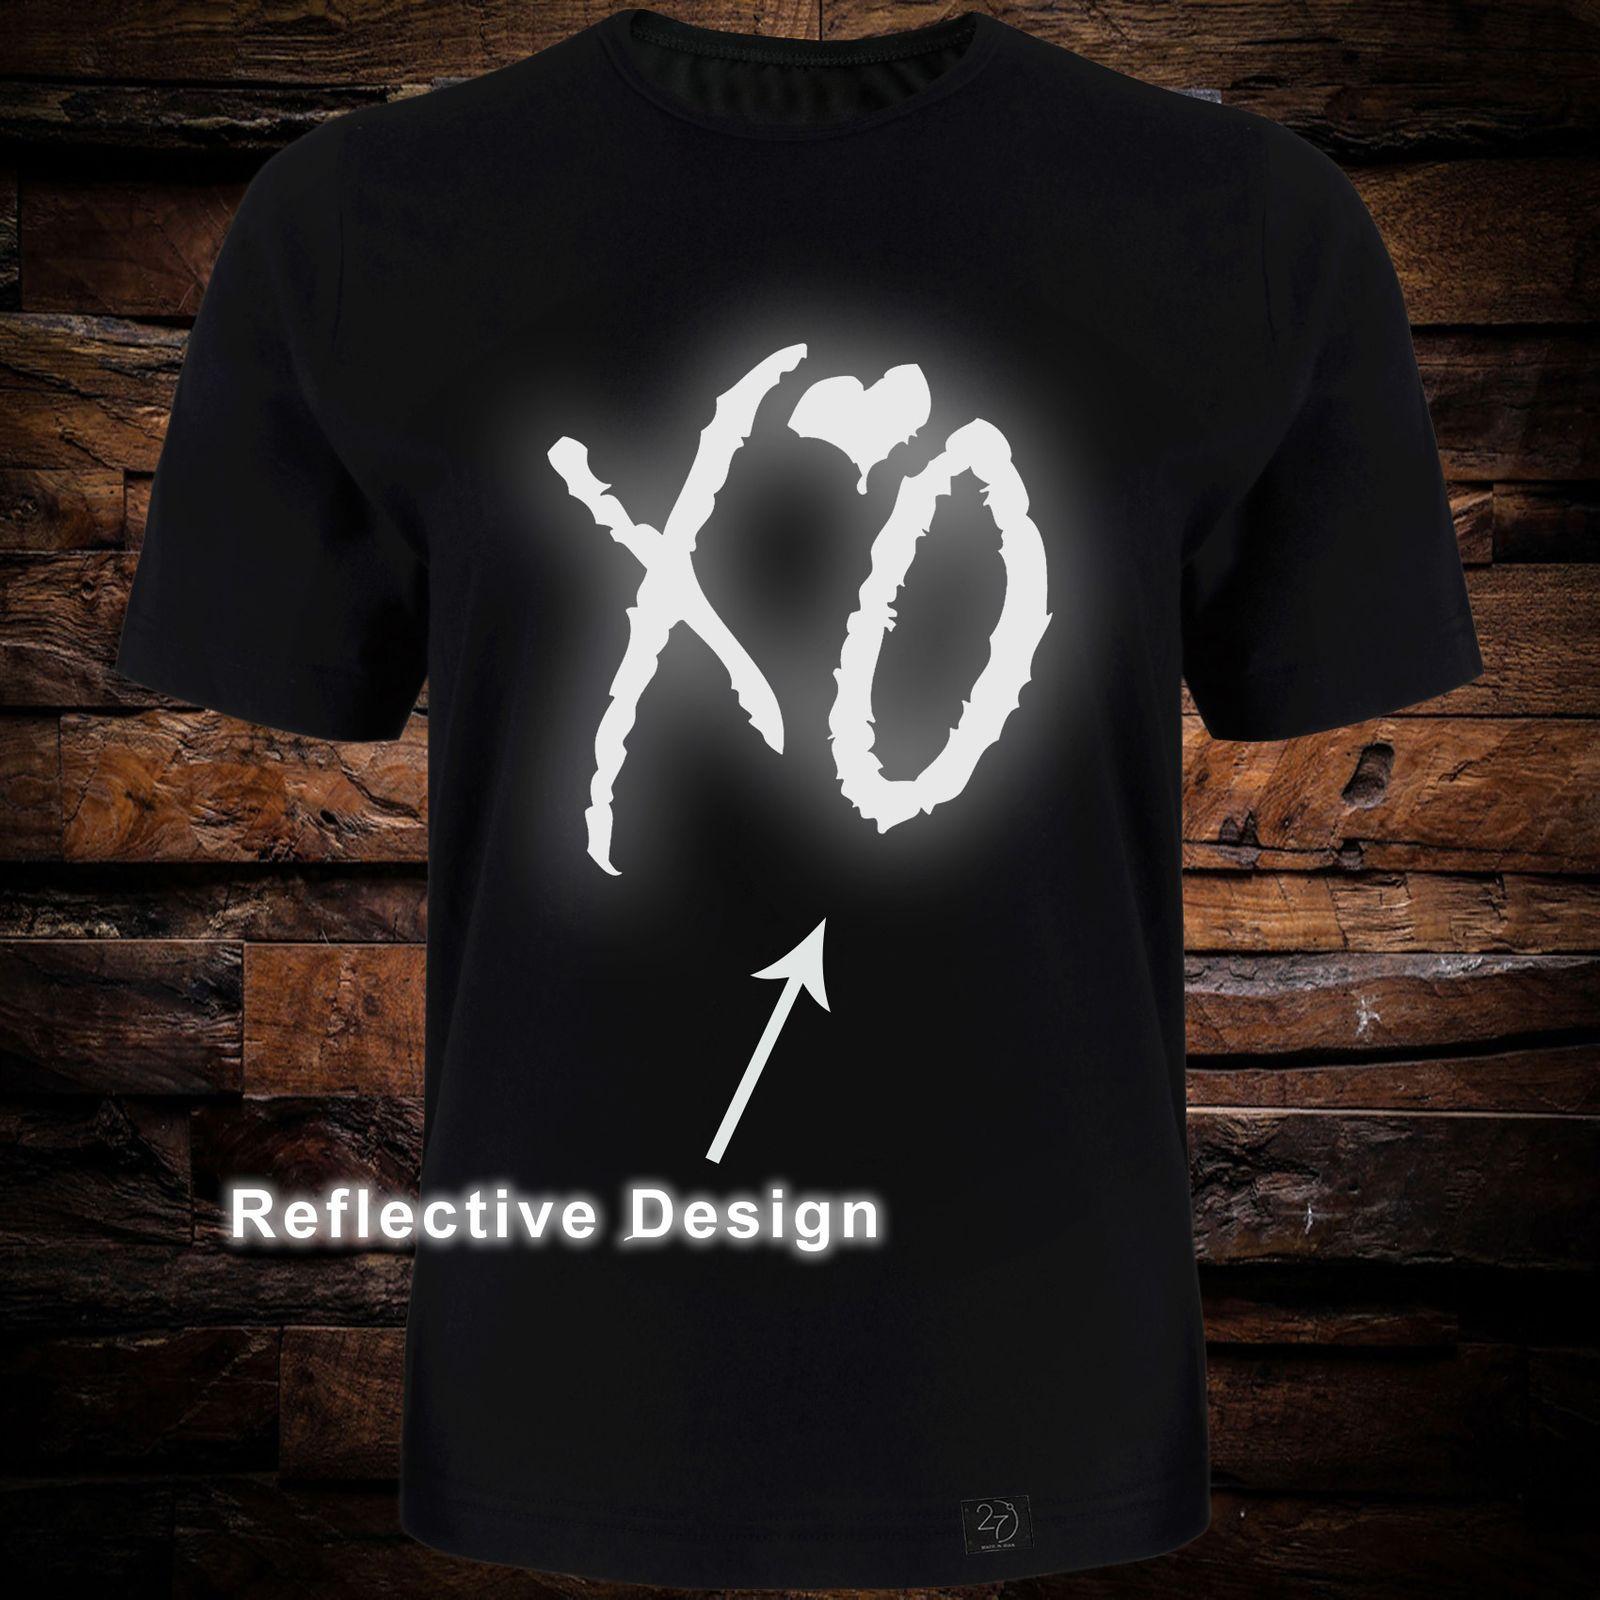 تی شرت آستین کوتاه مردانه 27 طرح XO کد TR08 رنگ مشکی -  - 2